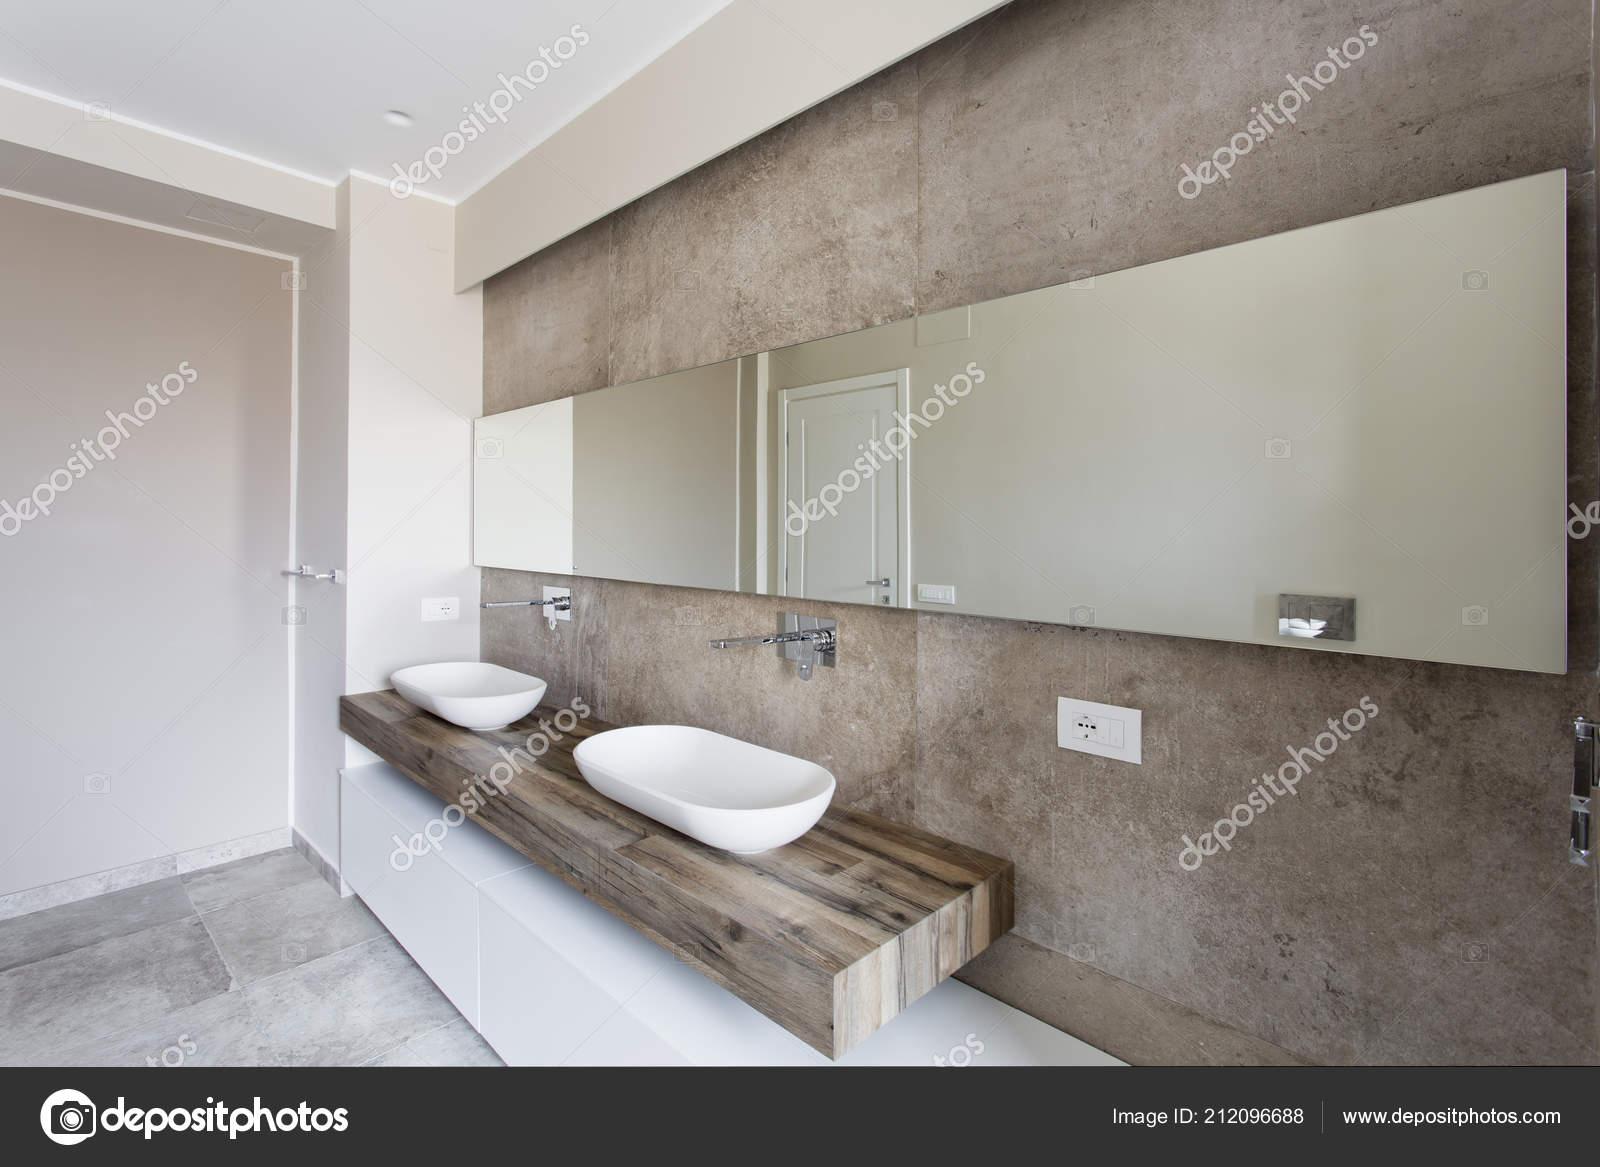 Bagni Moderni Con Doppio Lavabo.Moderno Bagno Con Doppio Lavabo Bagno Sanitari Sospesi